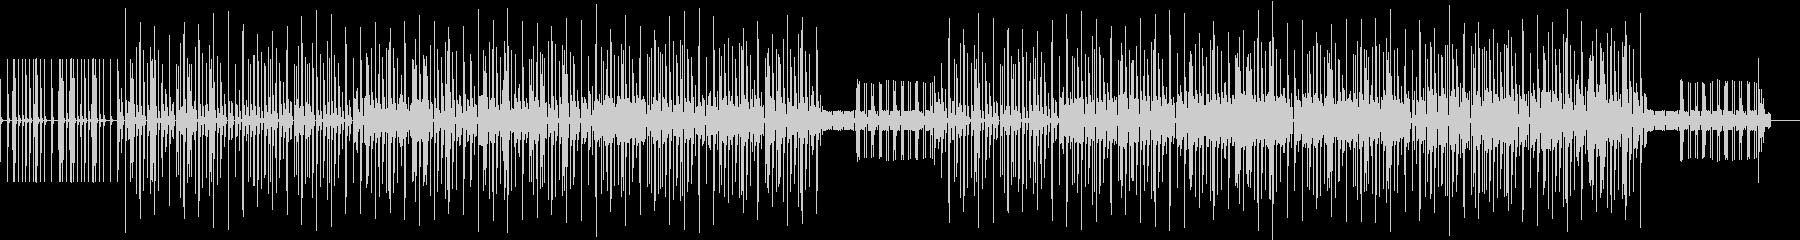 虫が動き回る様なコミカルな曲の未再生の波形